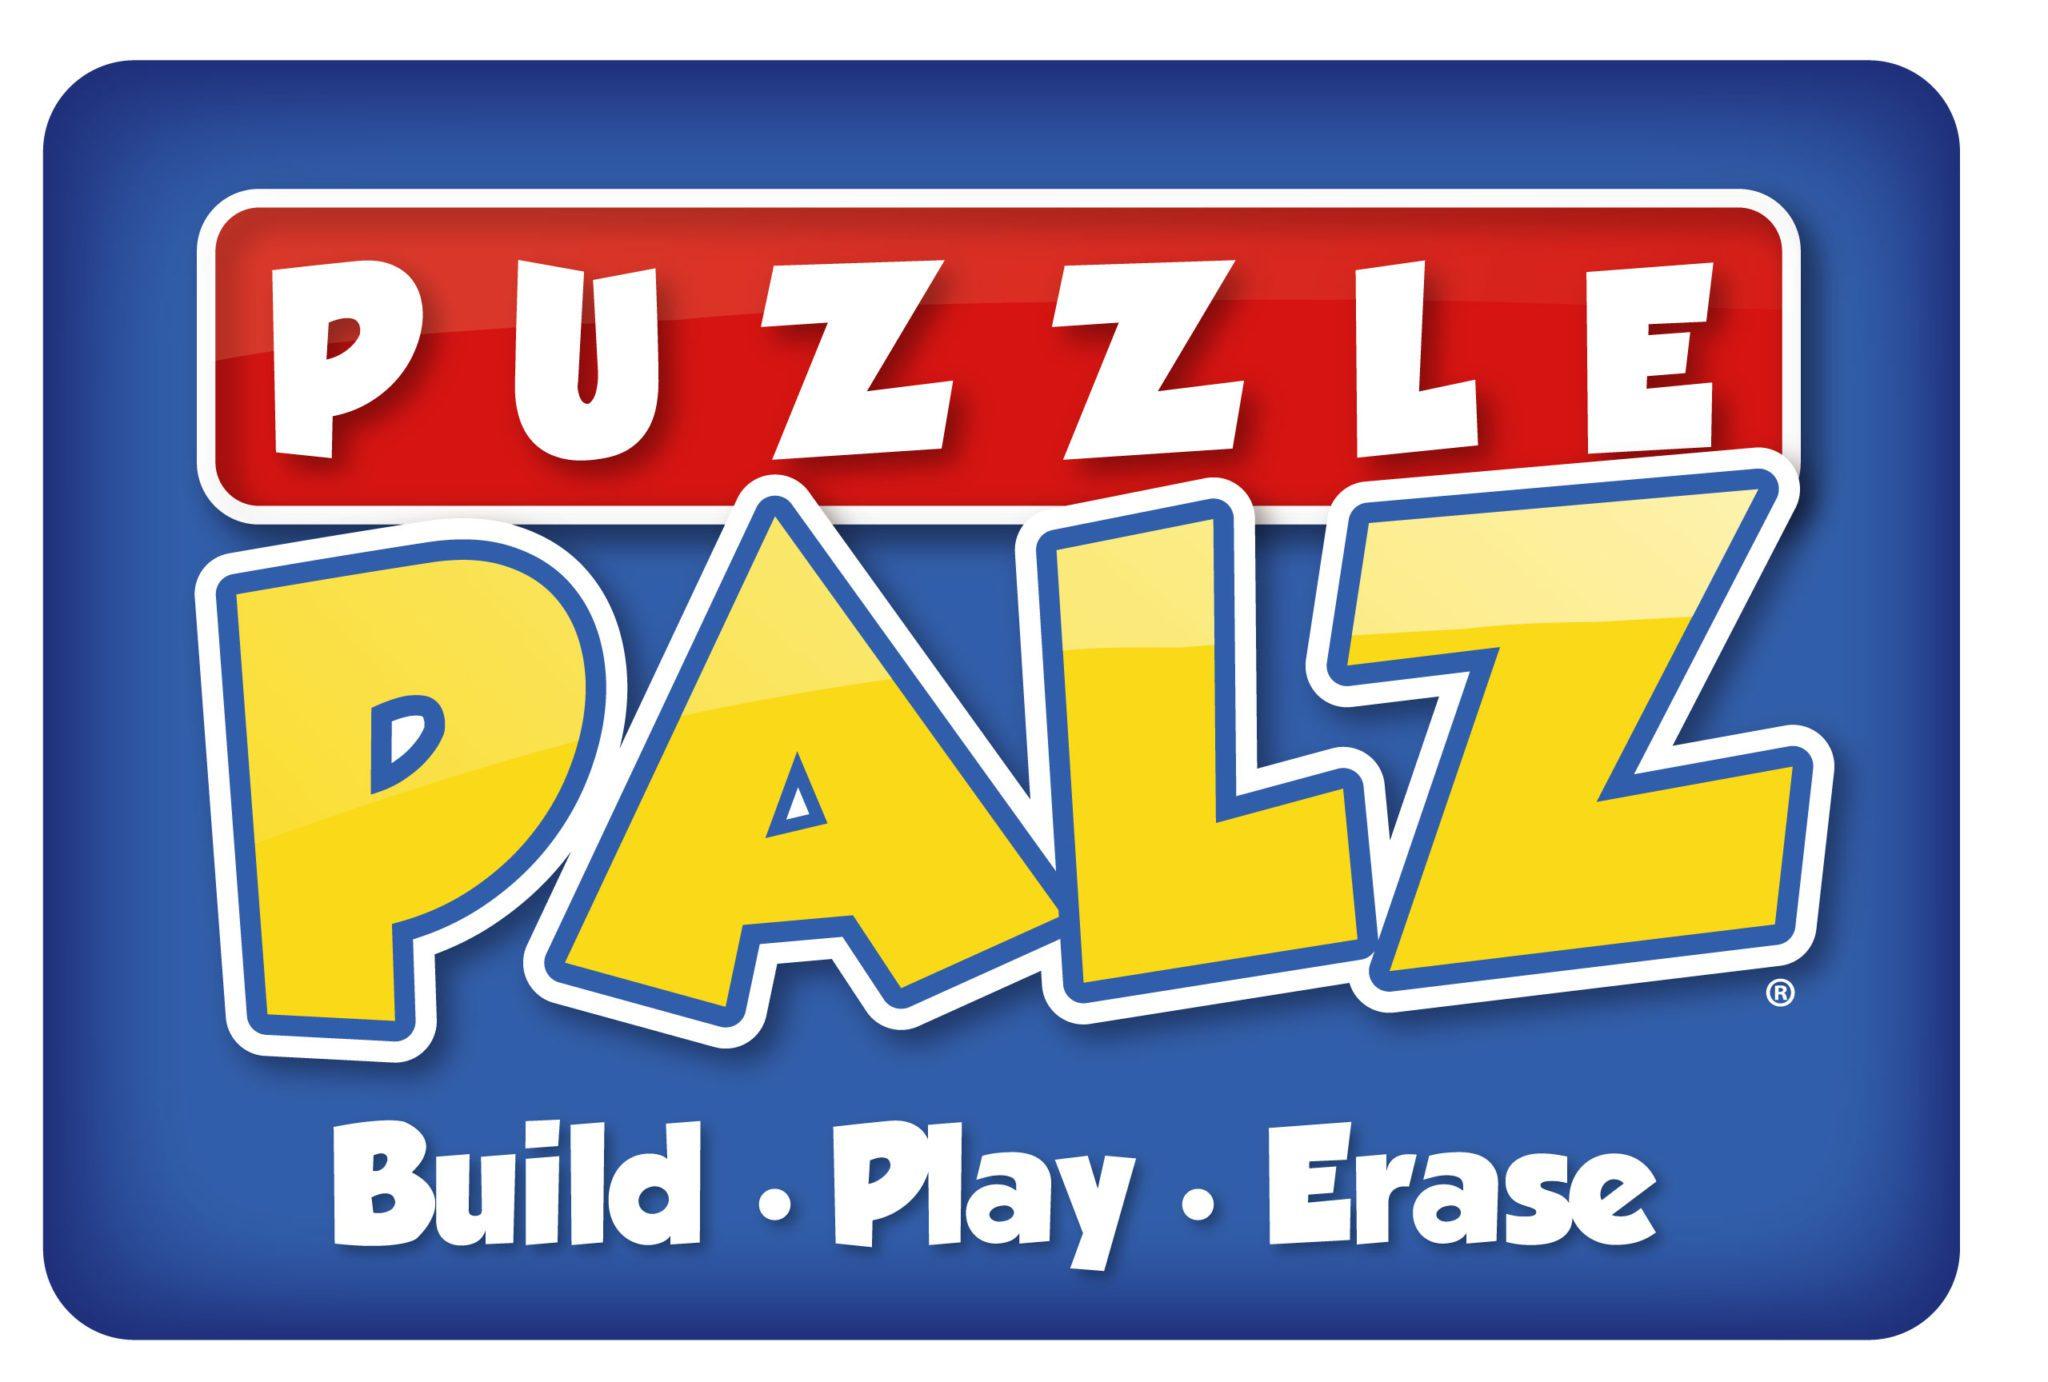 Our Brands - PuzzlePalz